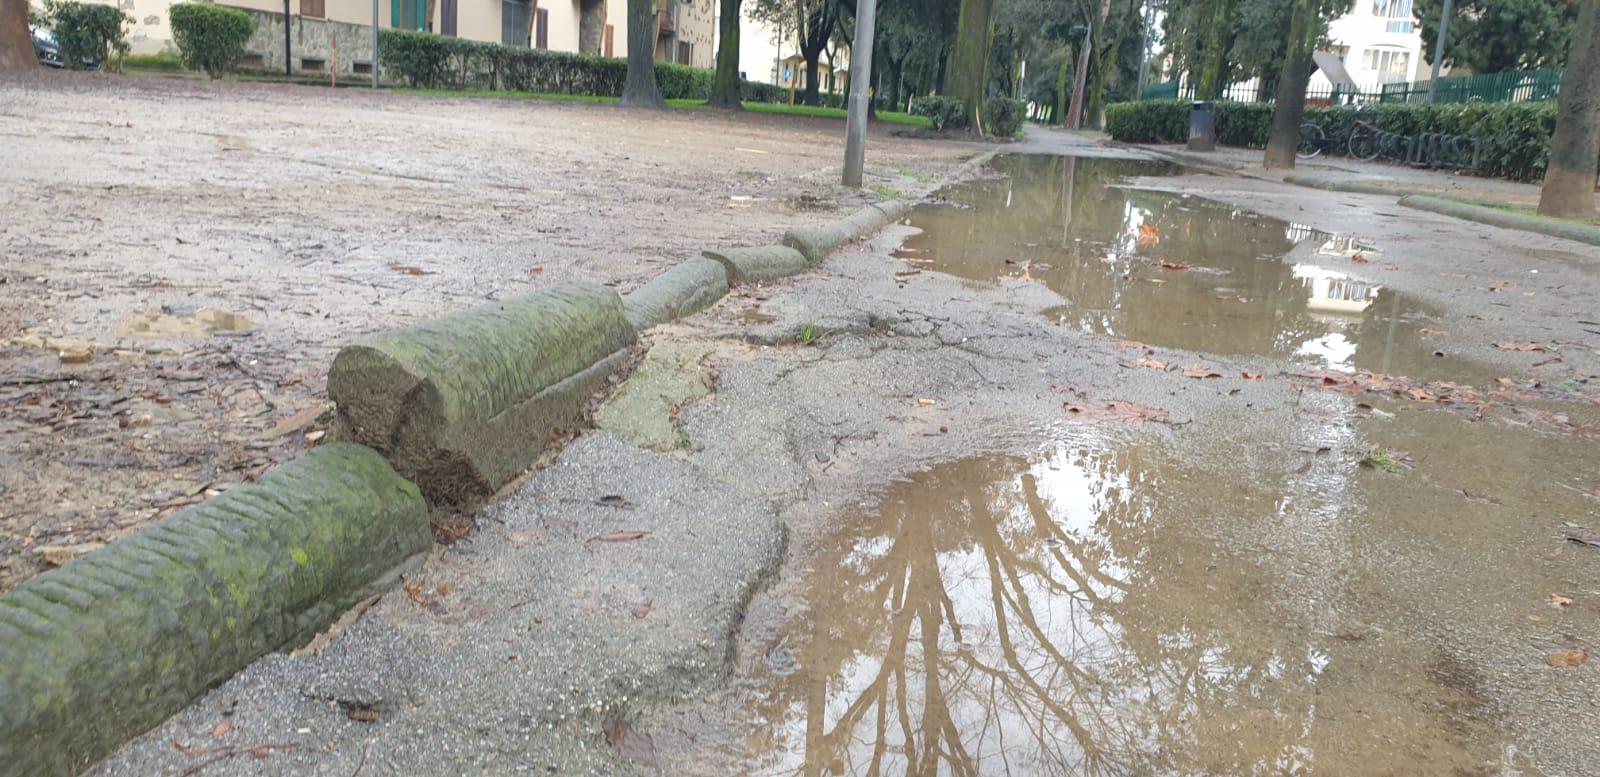 viale dei bambini alagamenti pioggia (12)